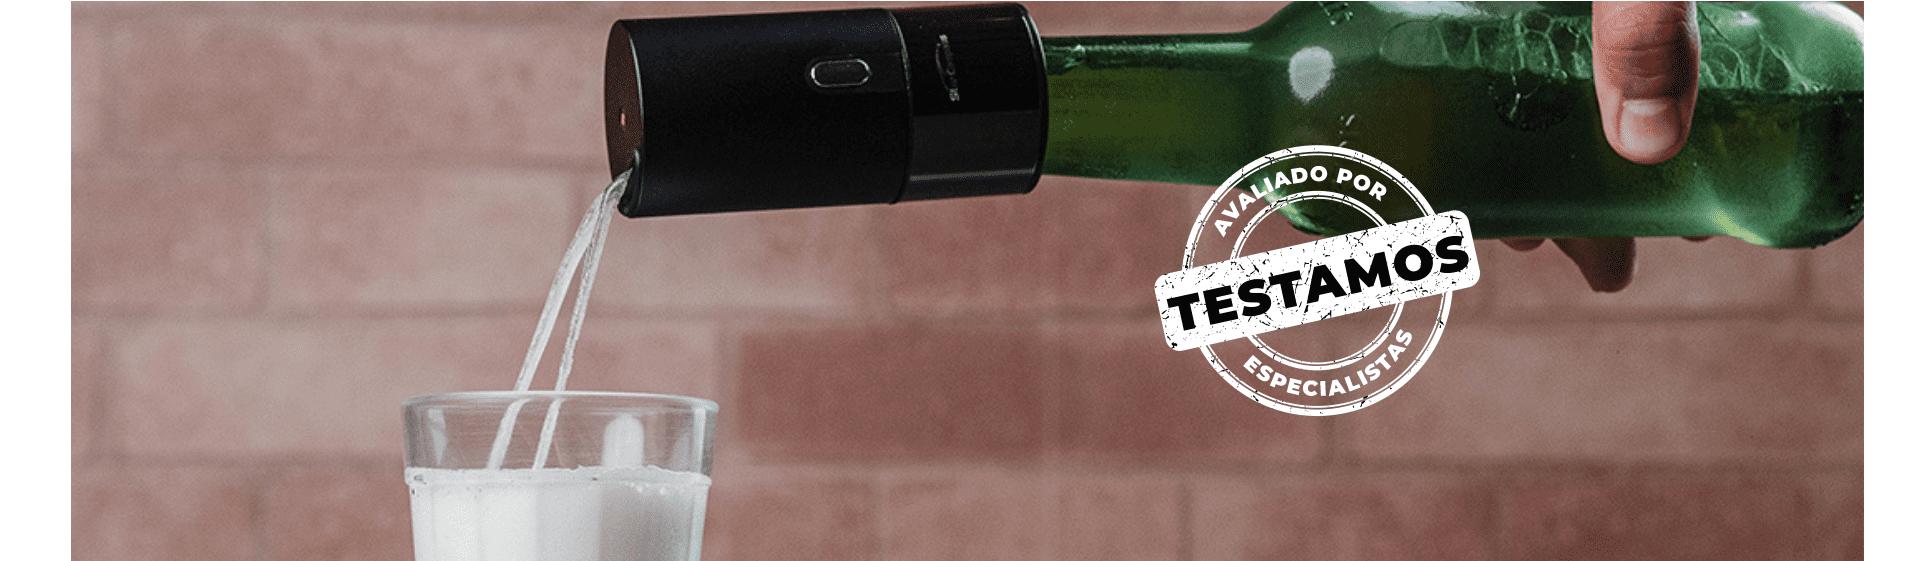 """Chopeira portátil da Xiaomi em uso, liberando chope de garrafa em um copo, com selo """"Avaliado por Especialistas"""" na imagem."""